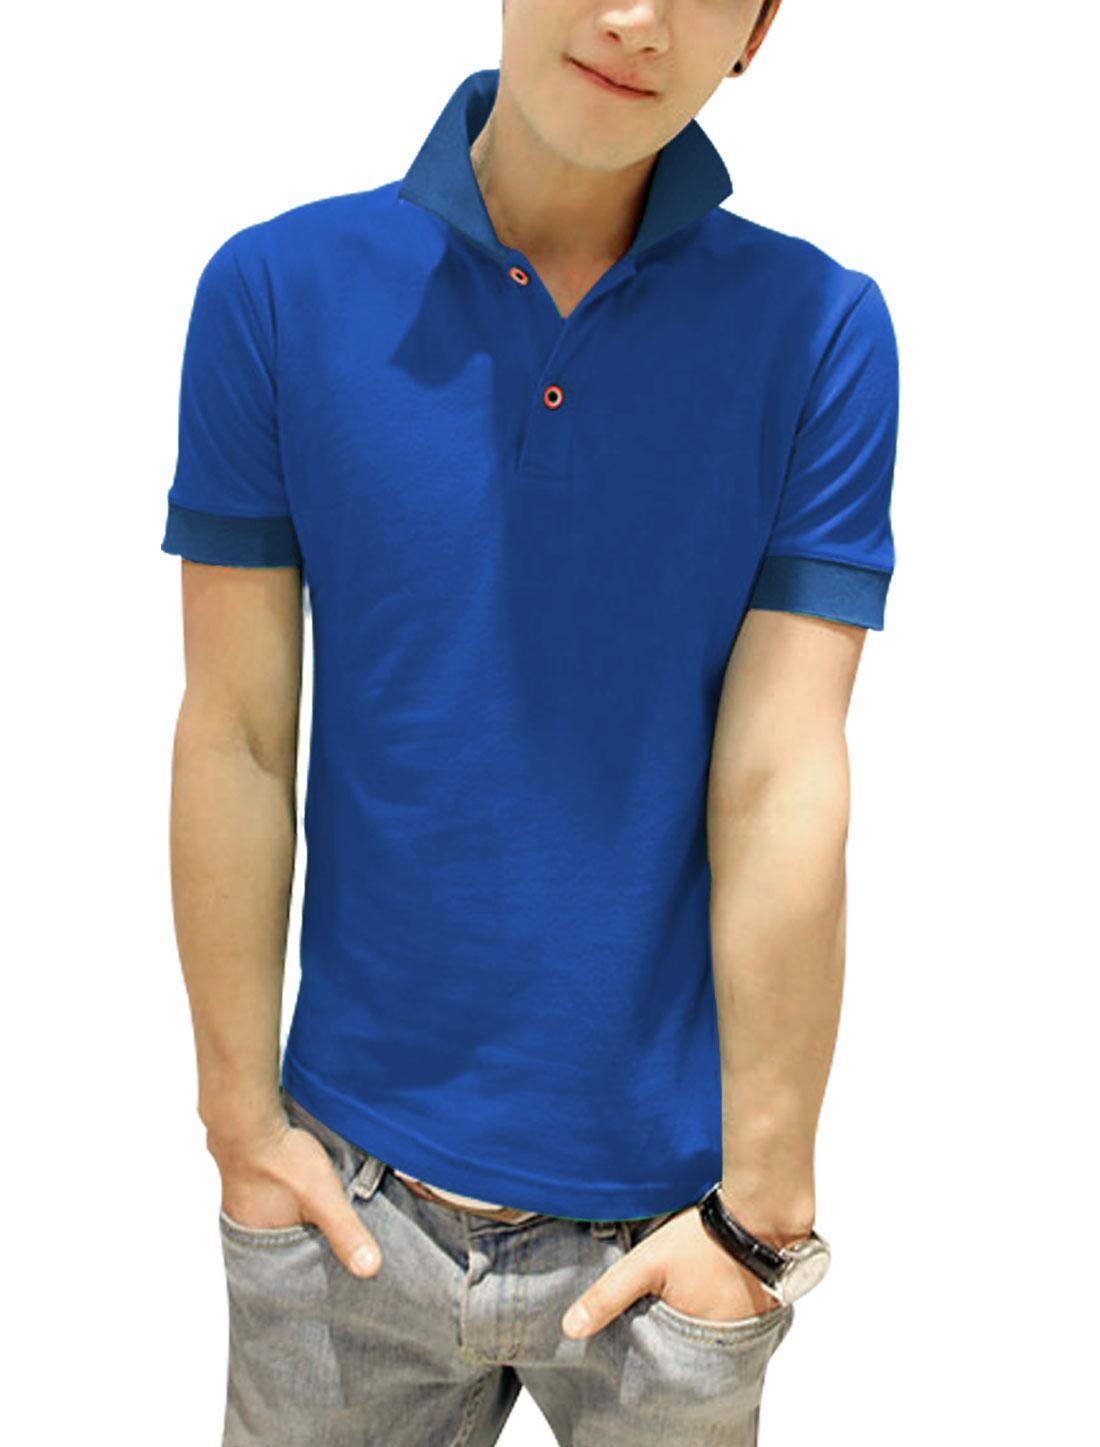 Men Slipover Short Sleeve Point Collar Slim Fit Polo Shirt Royal Blue S